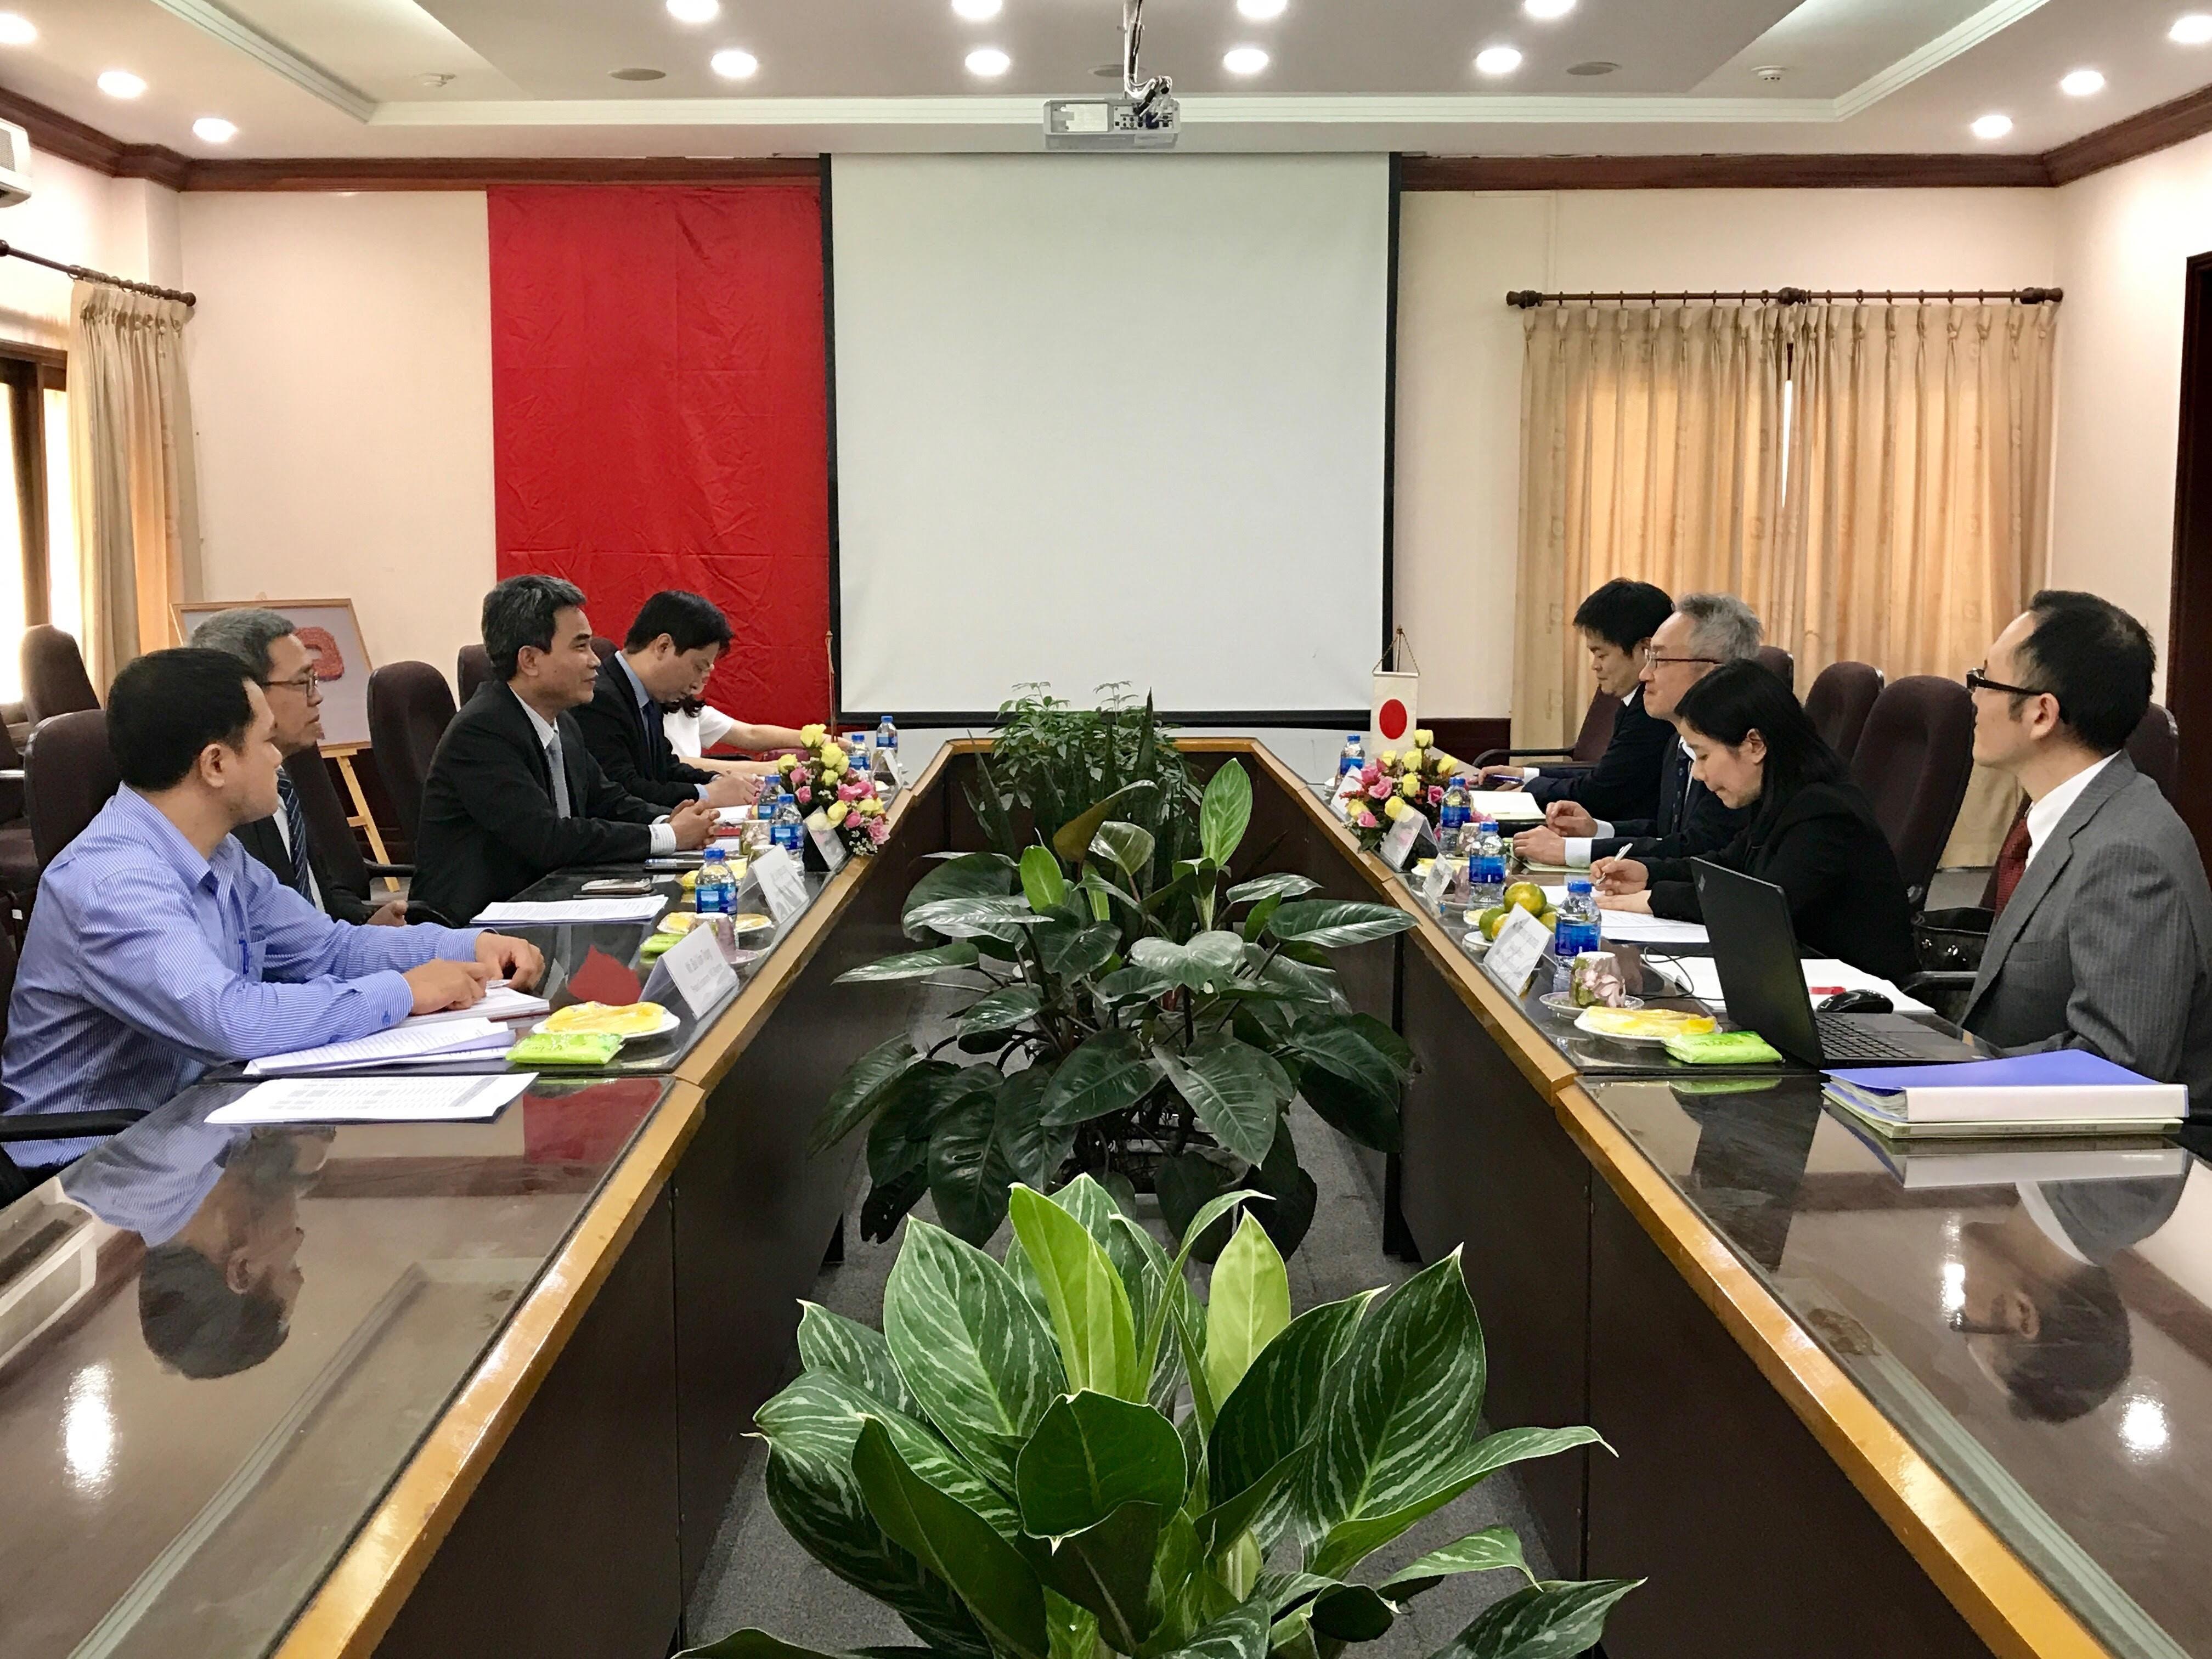 Việt Nam - Nhật Bản triển khai các hoạt động hợp tác về sở hữu trí tuệ - ảnh 1